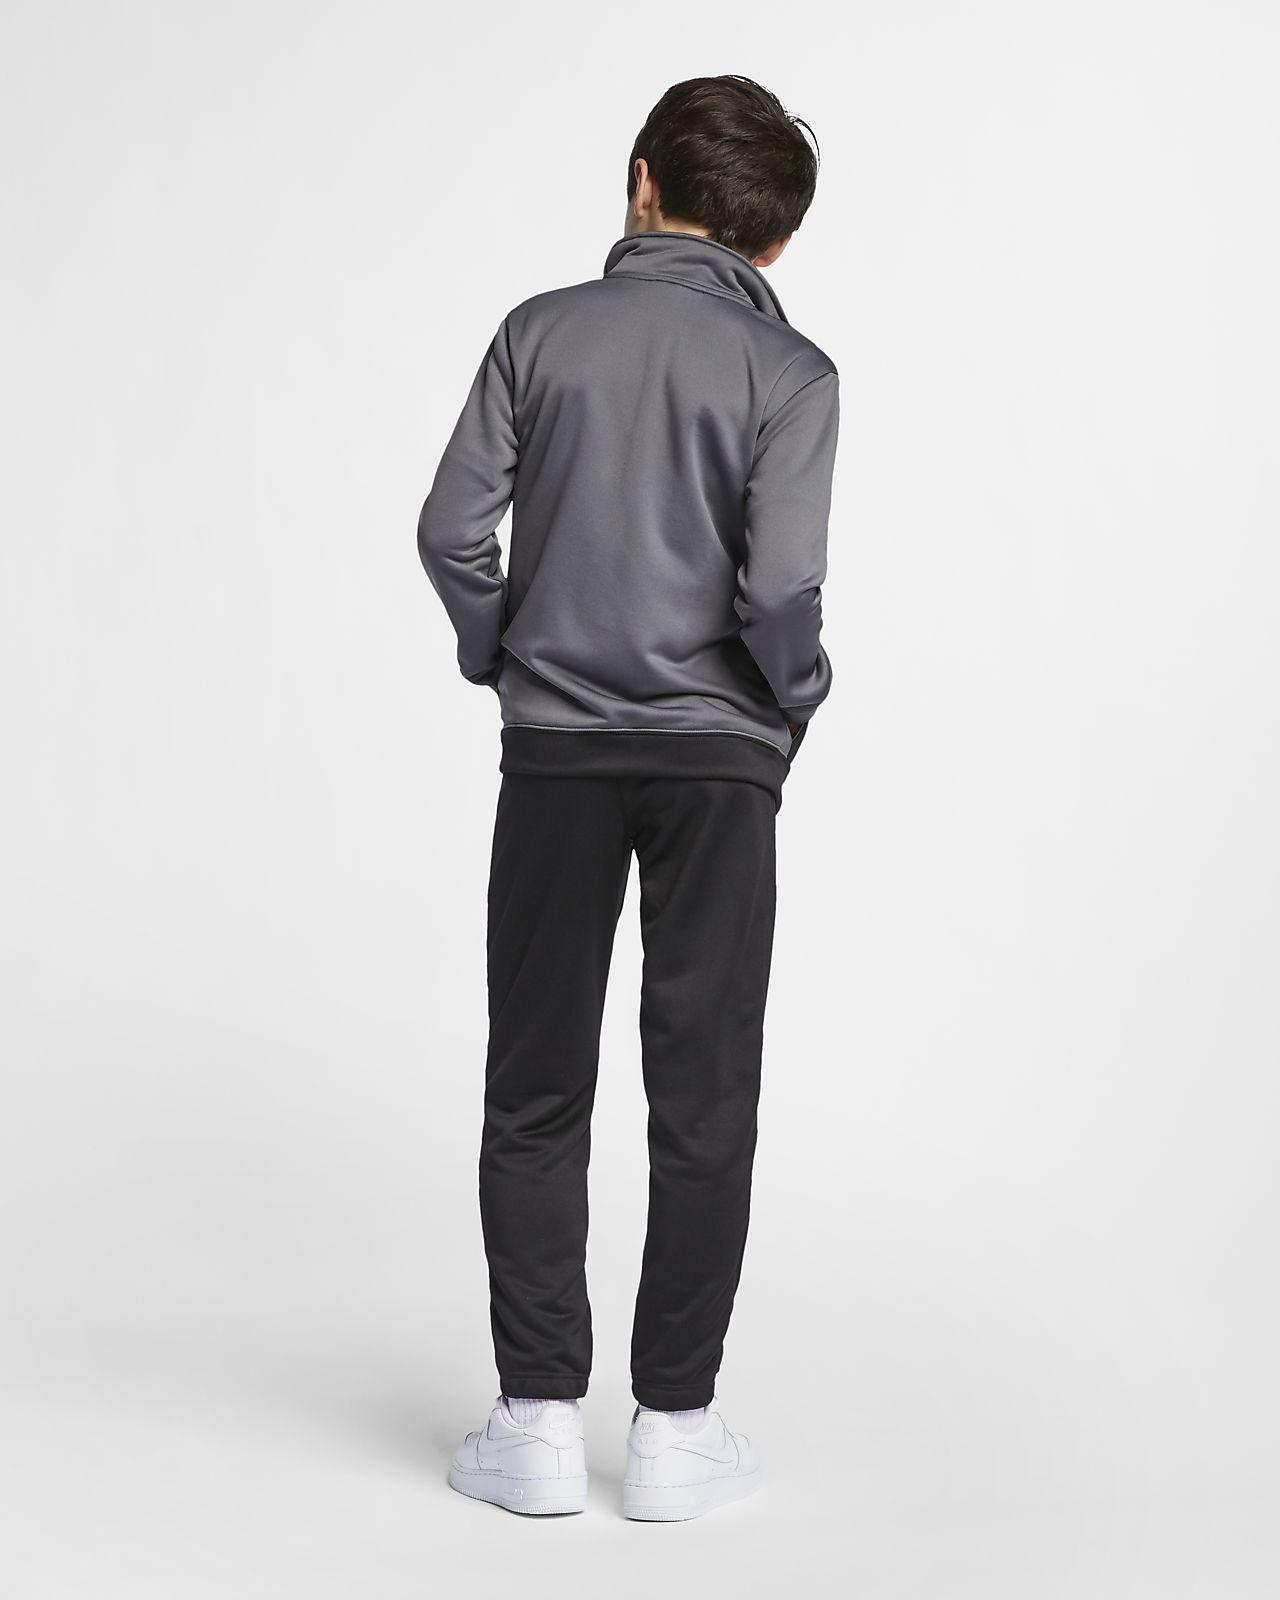 85a2870d70 Dres dla dużych dzieci (chłopców) Nike Sportswear. Nike.com PL